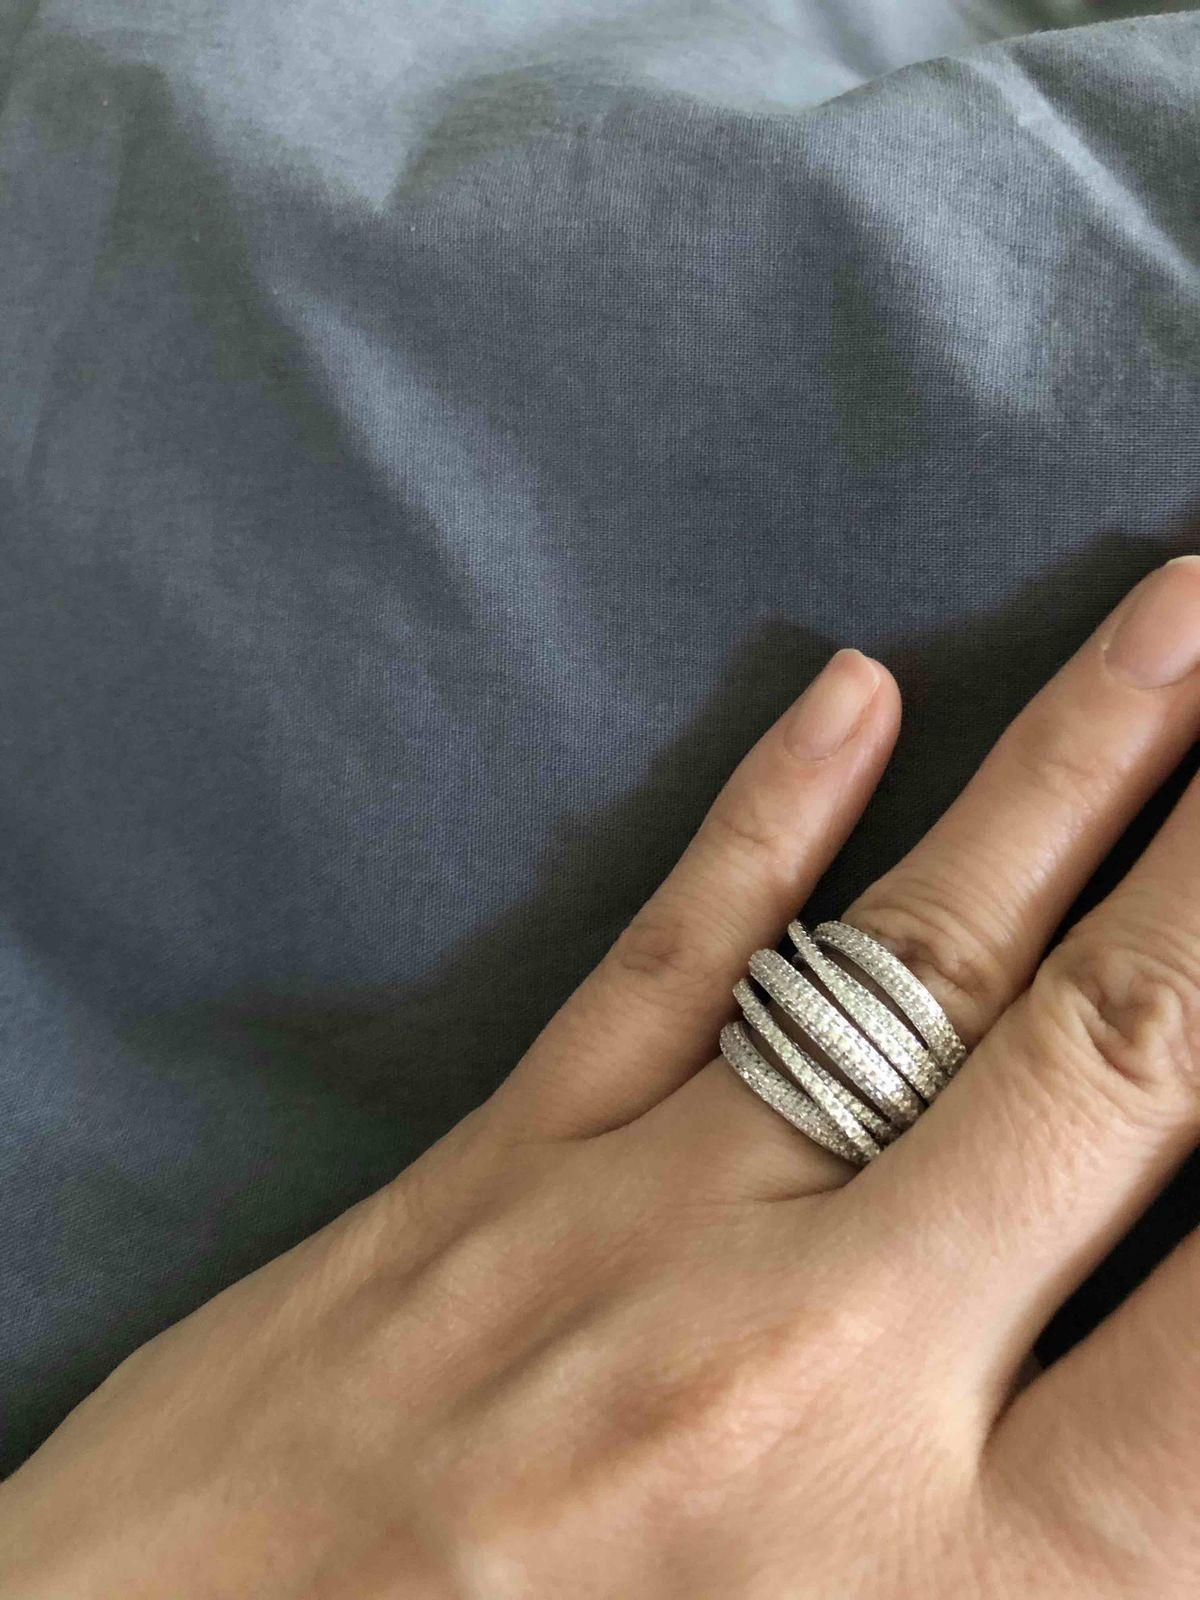 Серебряное кольцо с фианитами )))о котором давно мечтала и вот оно у меня )